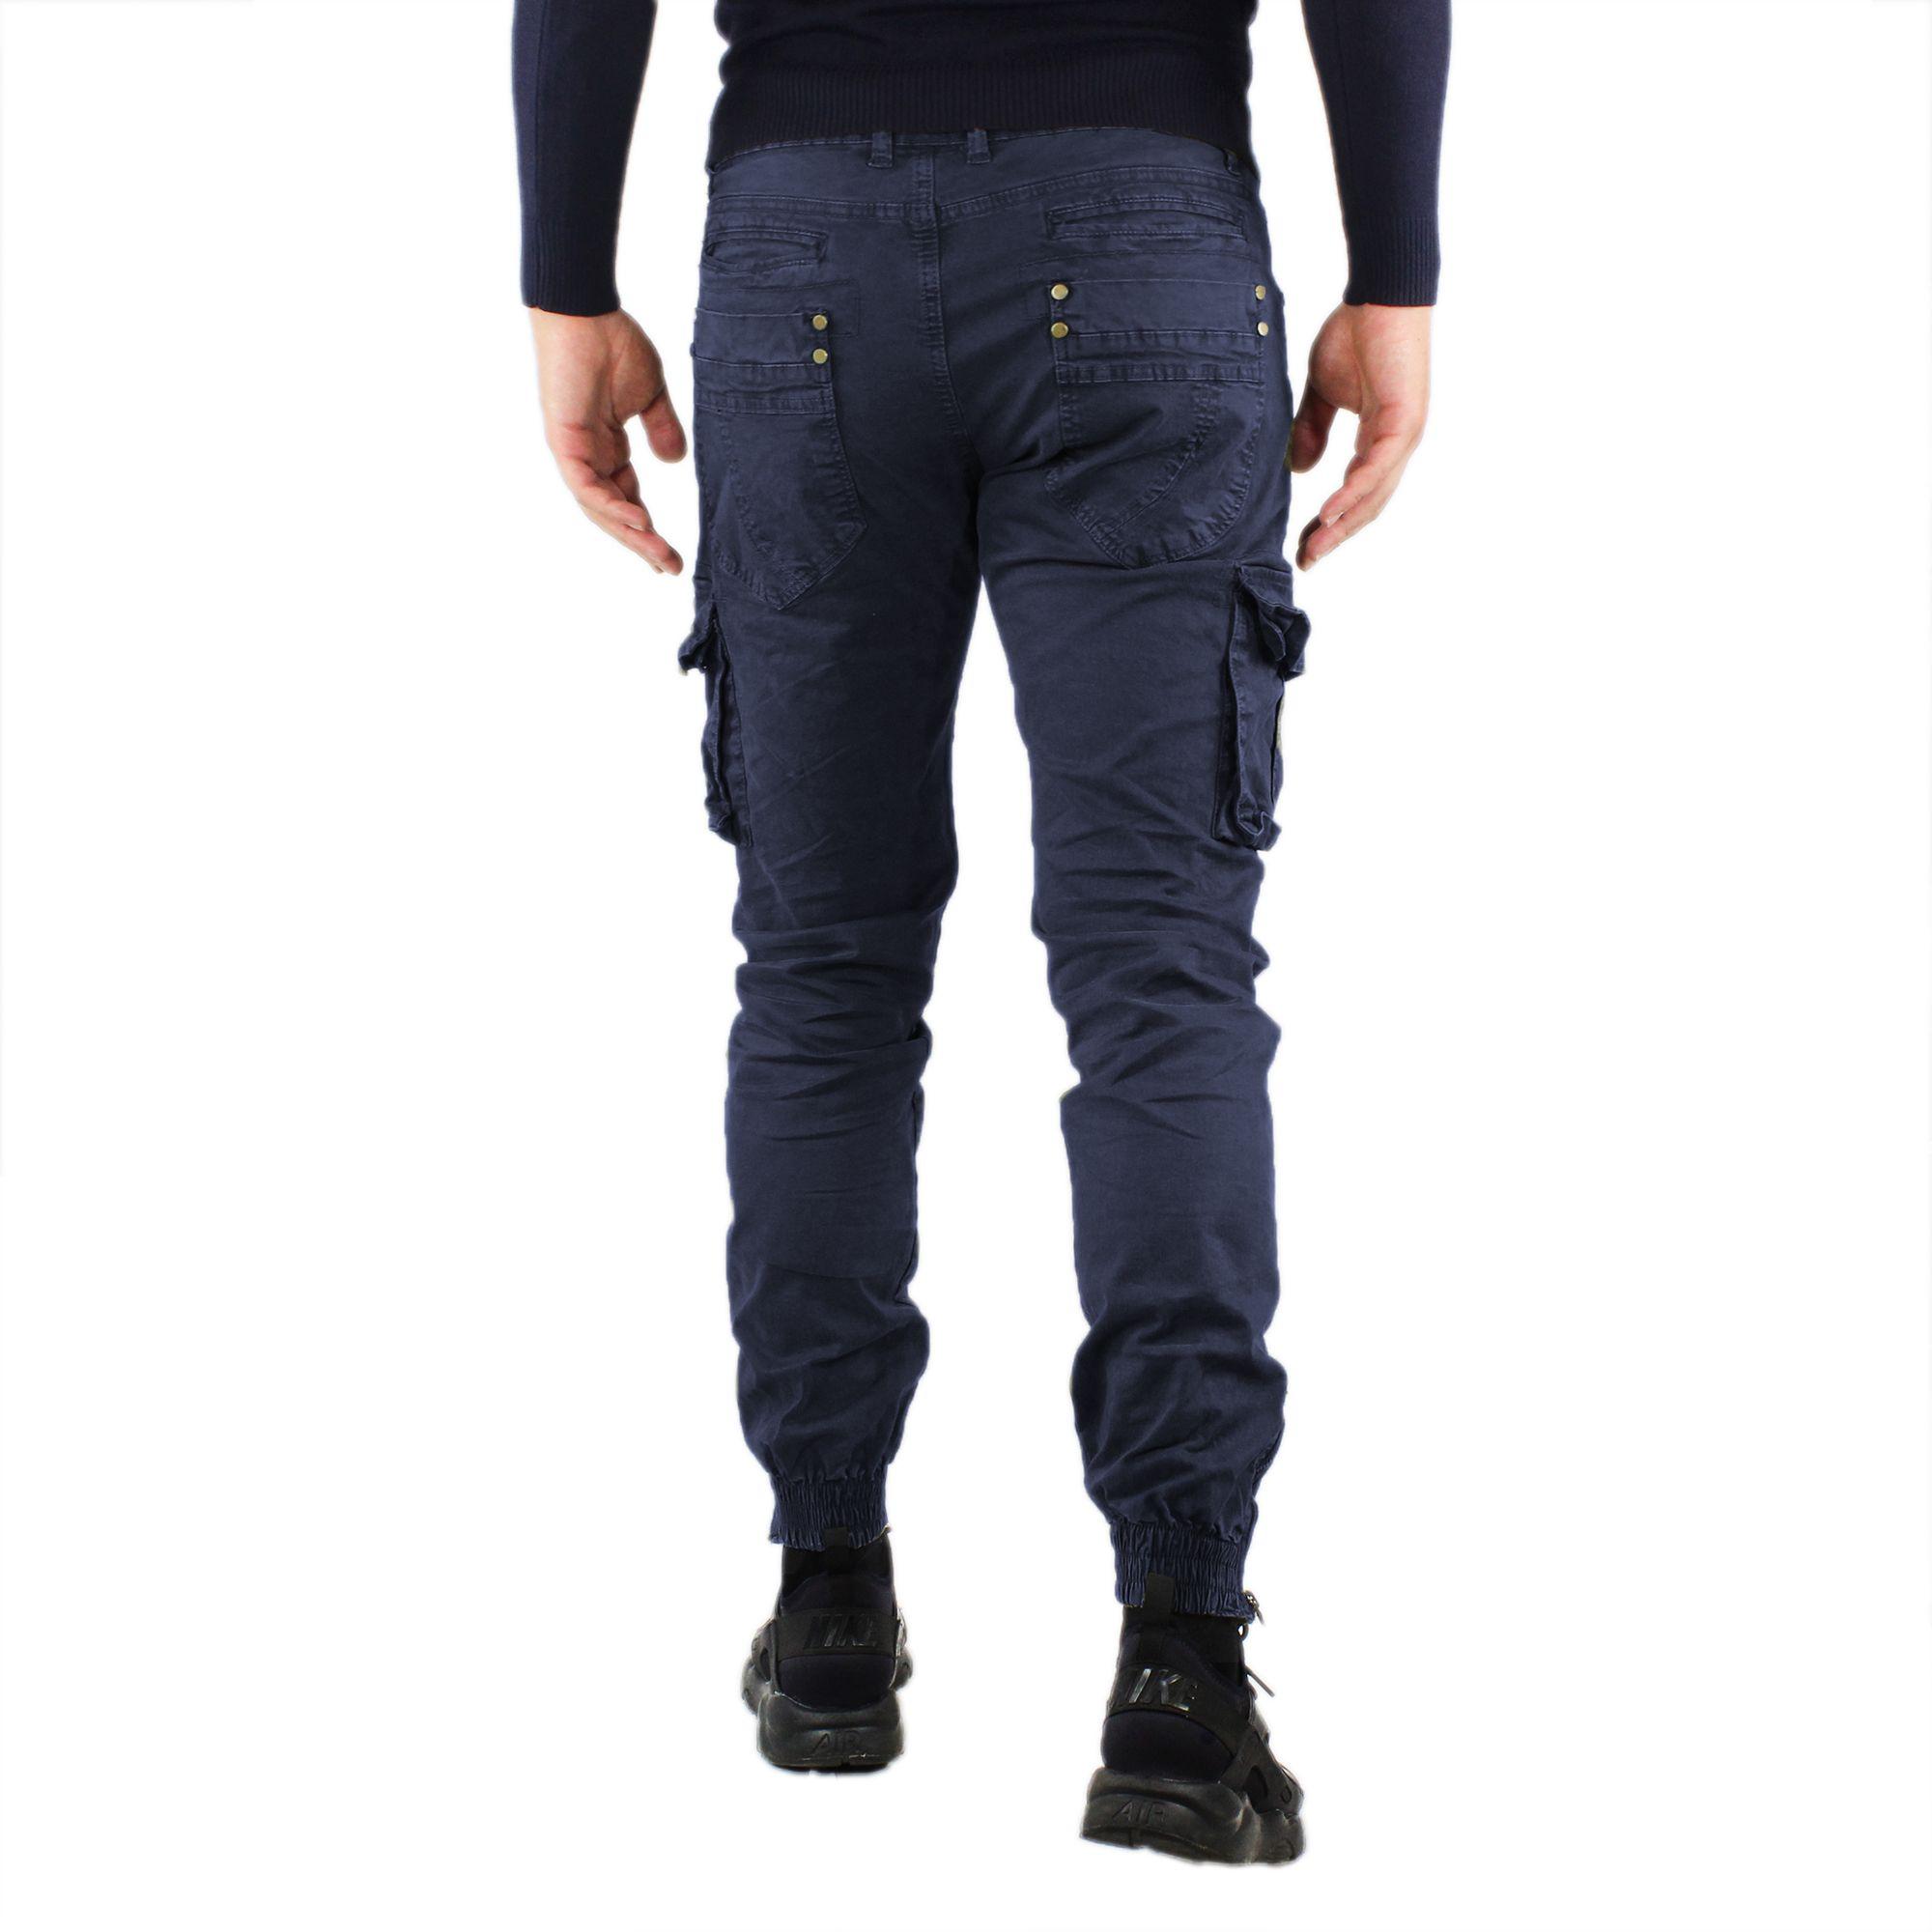 Pantaloni-Cargo-Uomo-Invernale-Tasche-Laterali-Cotone-Slim-Fit-Tasconi-Casual miniatura 9